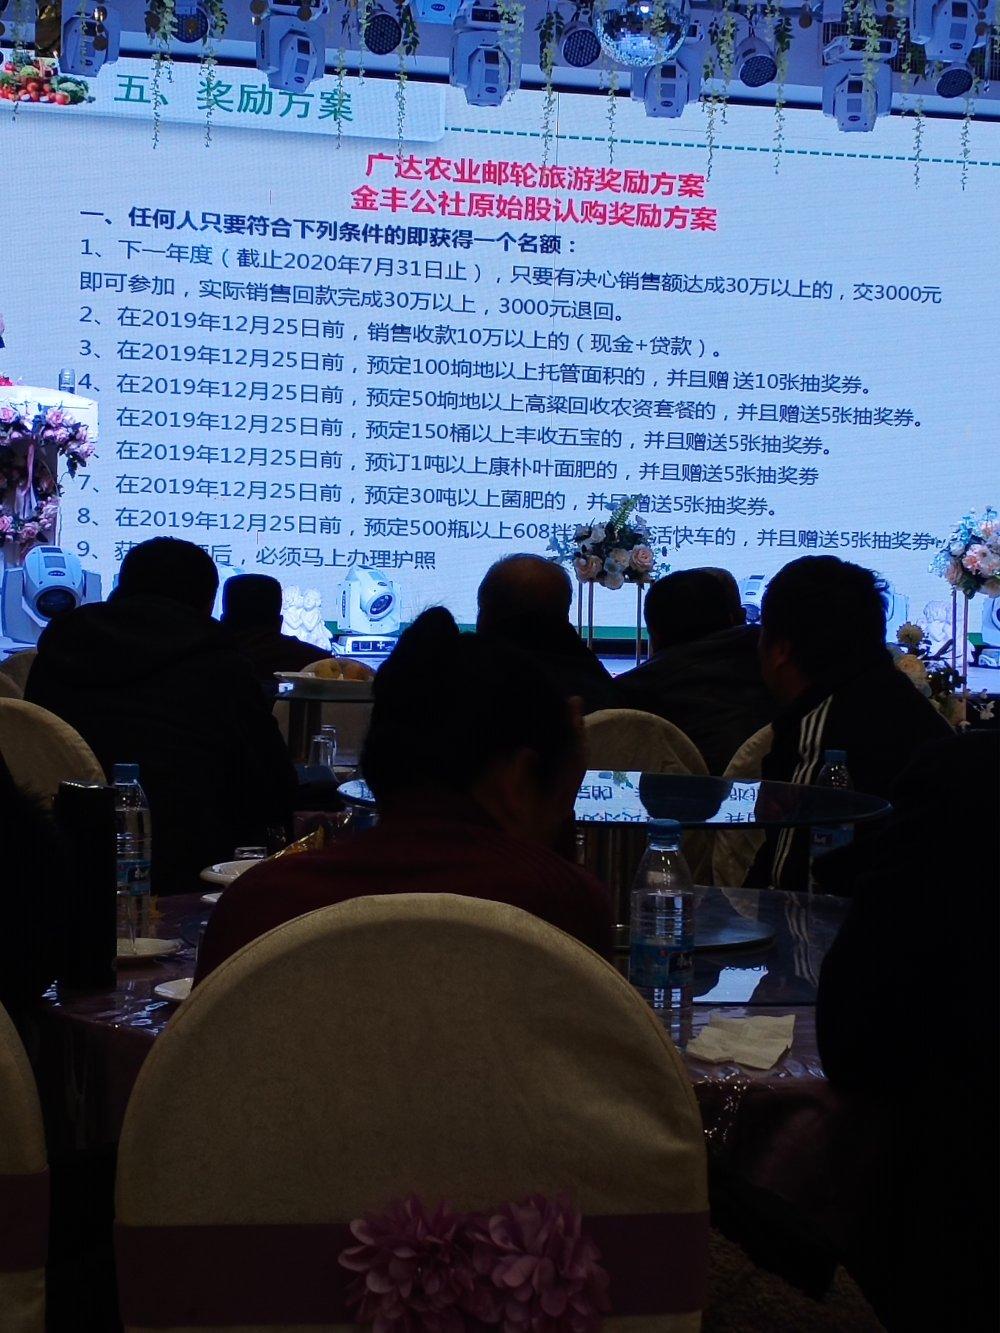 博农农机农民专业合作社参加金丰公社农业托管会议